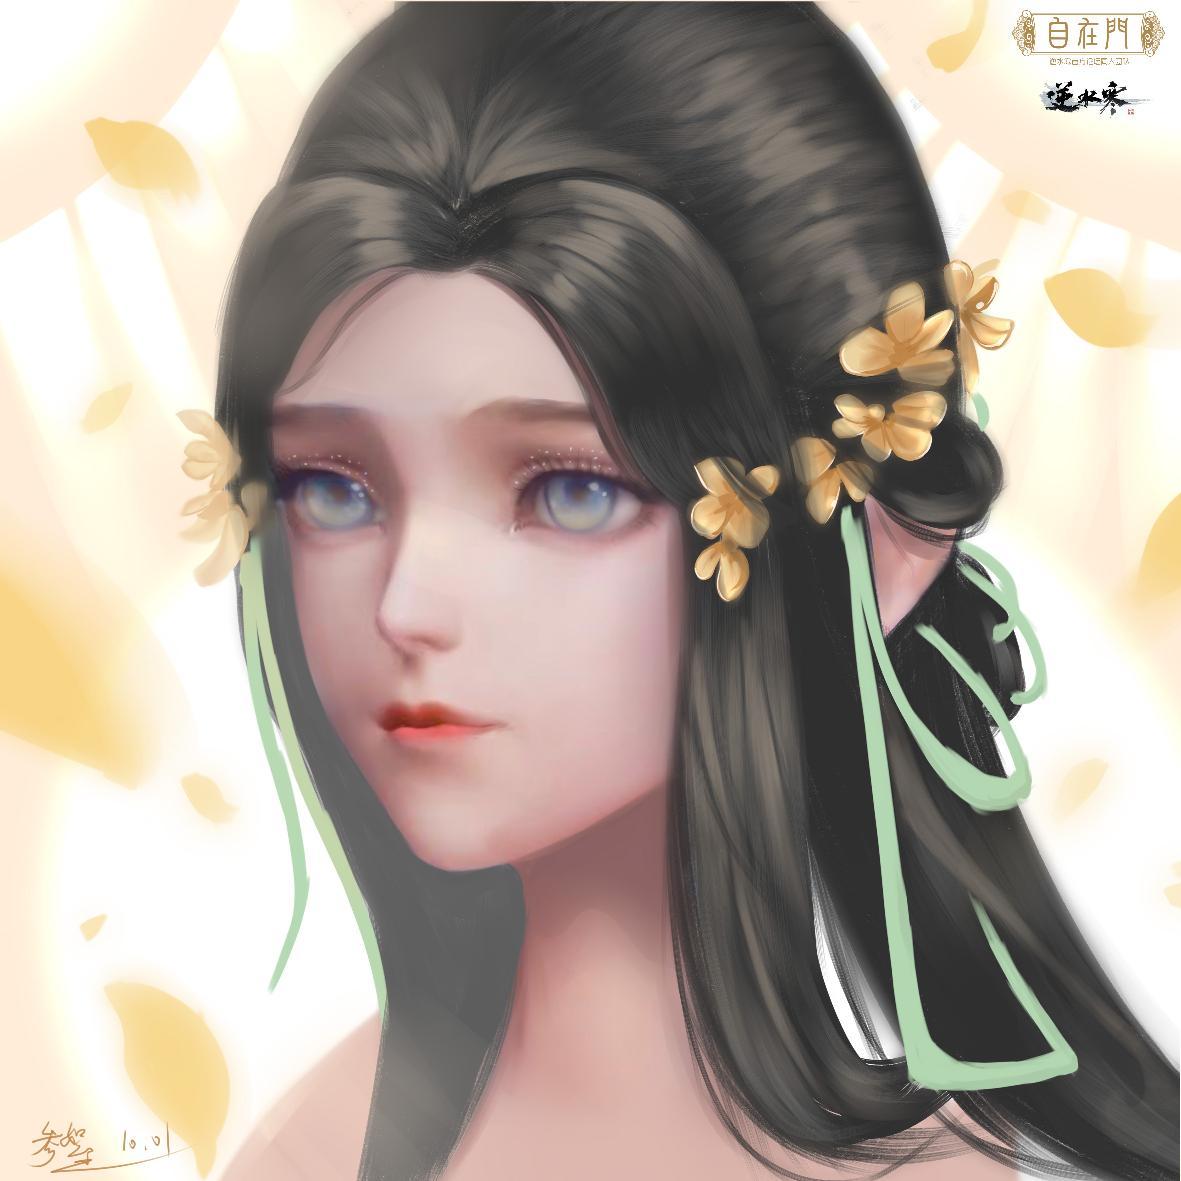 【自在门】手绘,撸一个超喜欢的发型,是你们的小女主没错了!